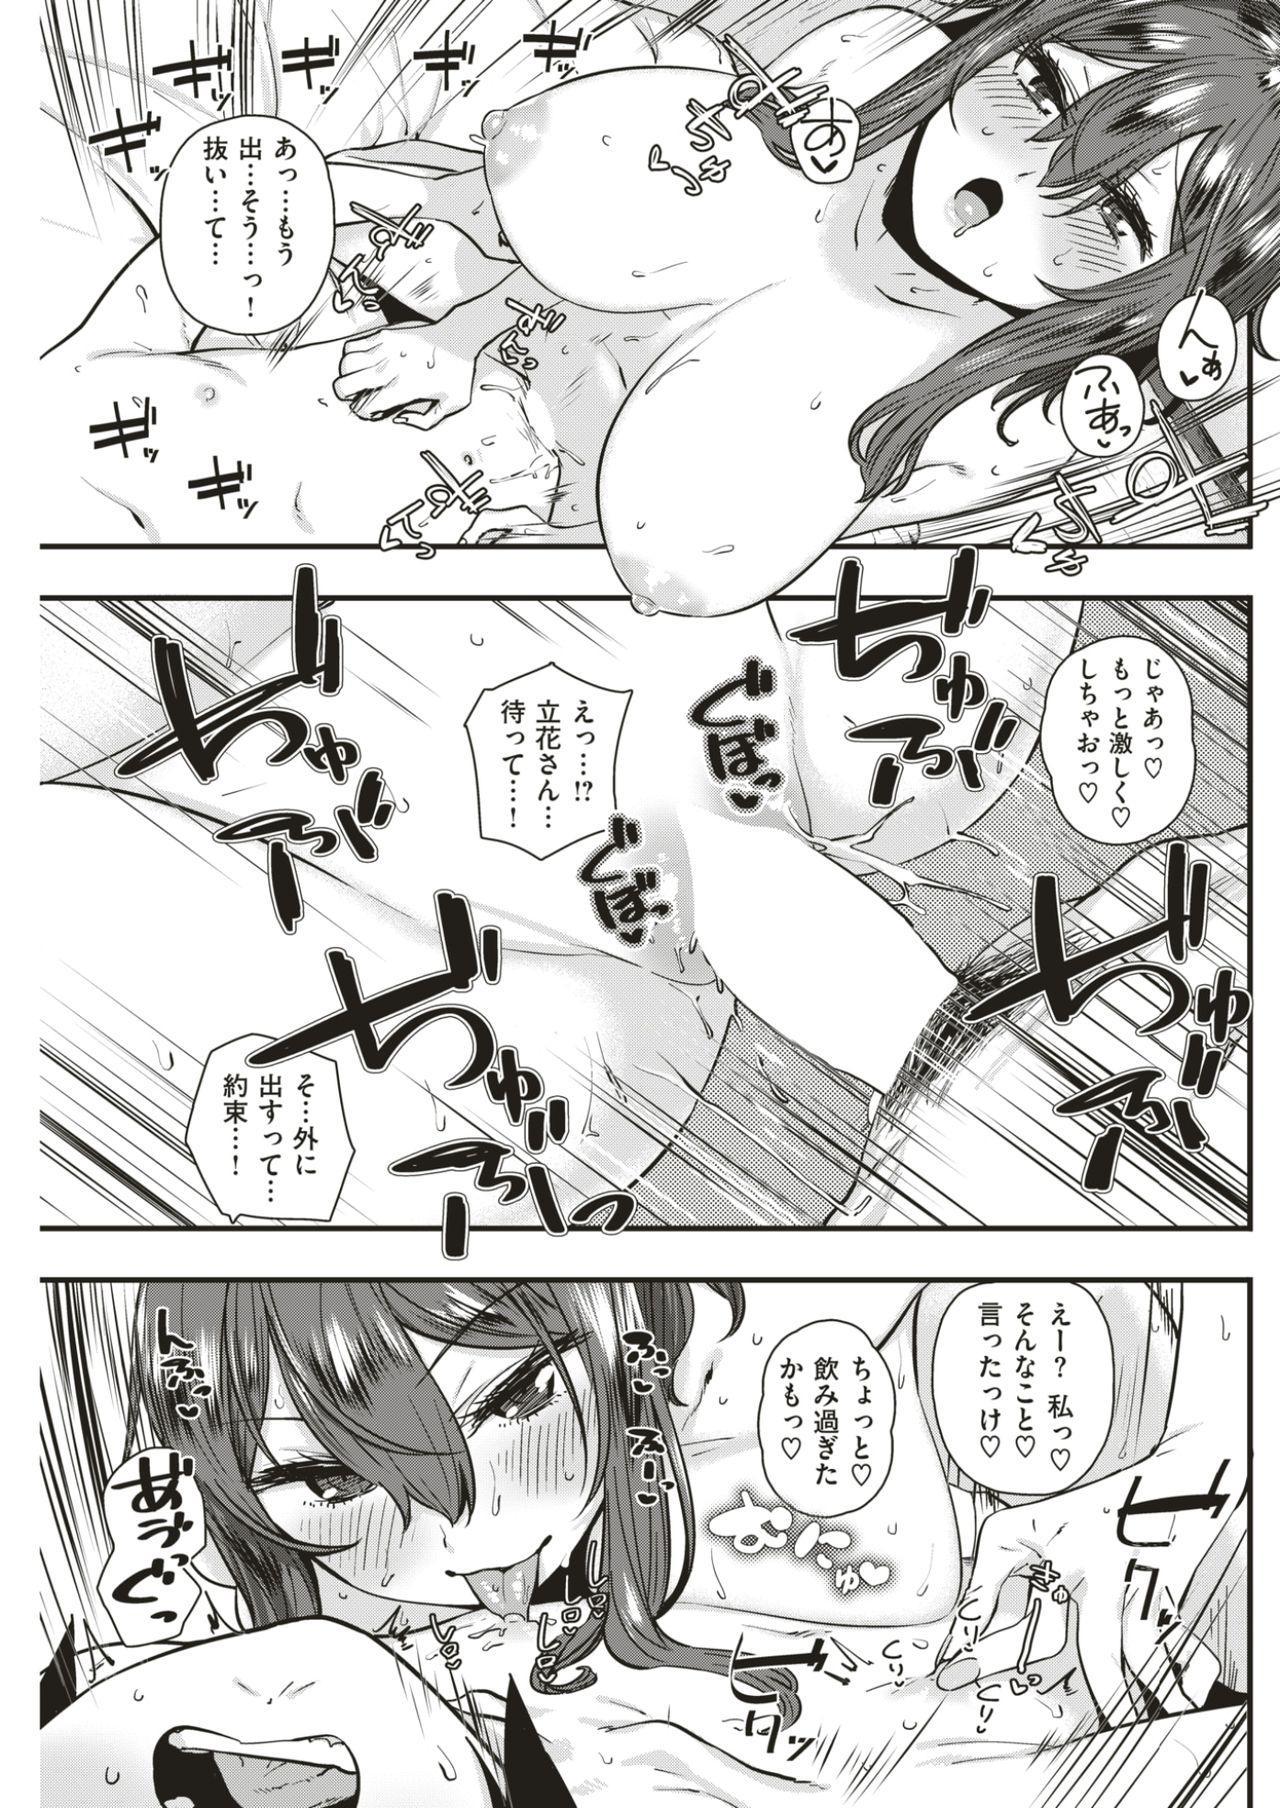 COMIC Kairakuten BEAST 2017-05 163